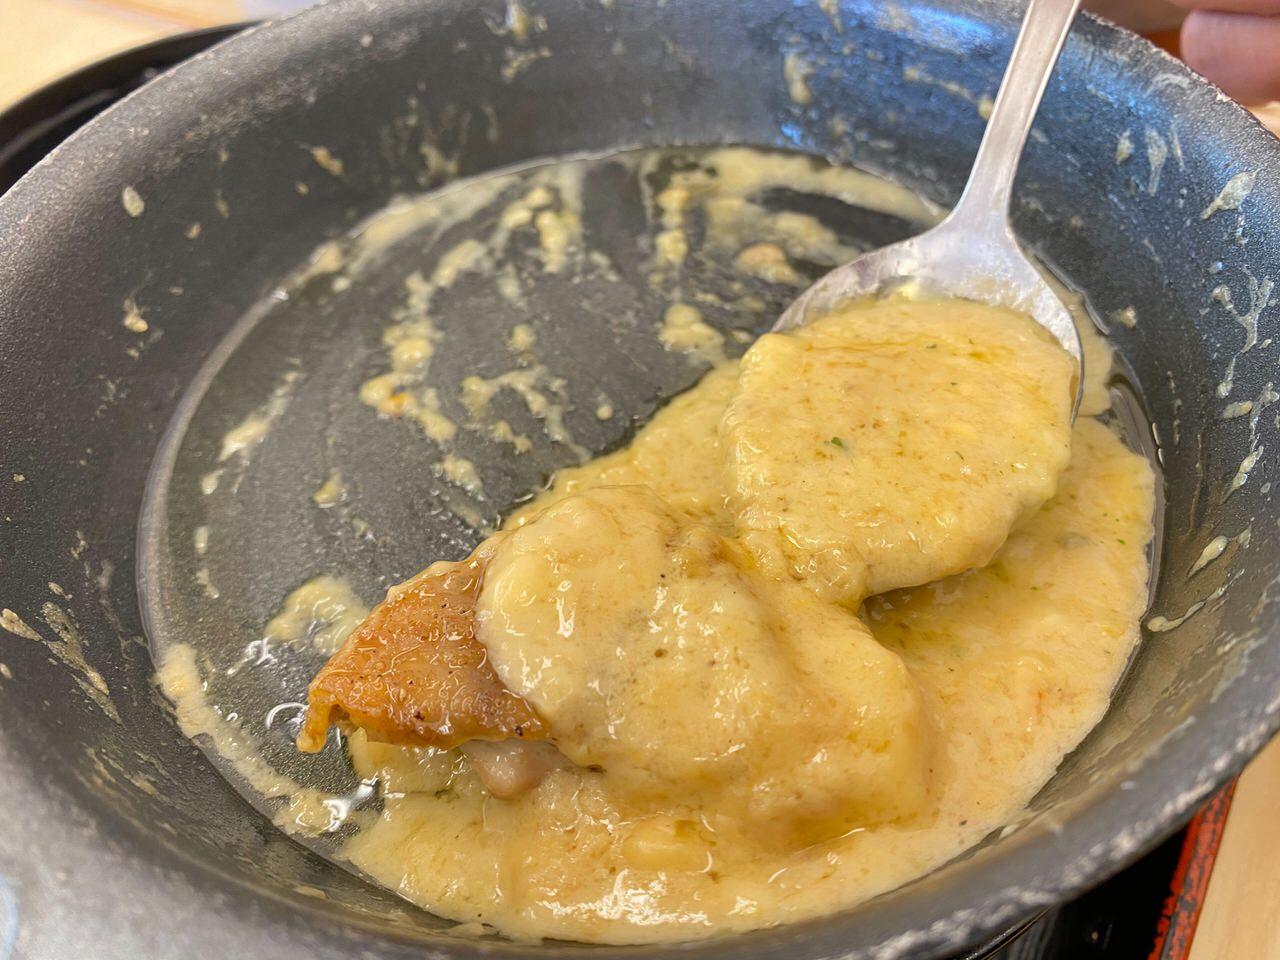 【松屋】復活した「シュクメルリ鍋」ニンニクチーズにさらに追いチーズ!最後の一口まで美味すぎた! 13